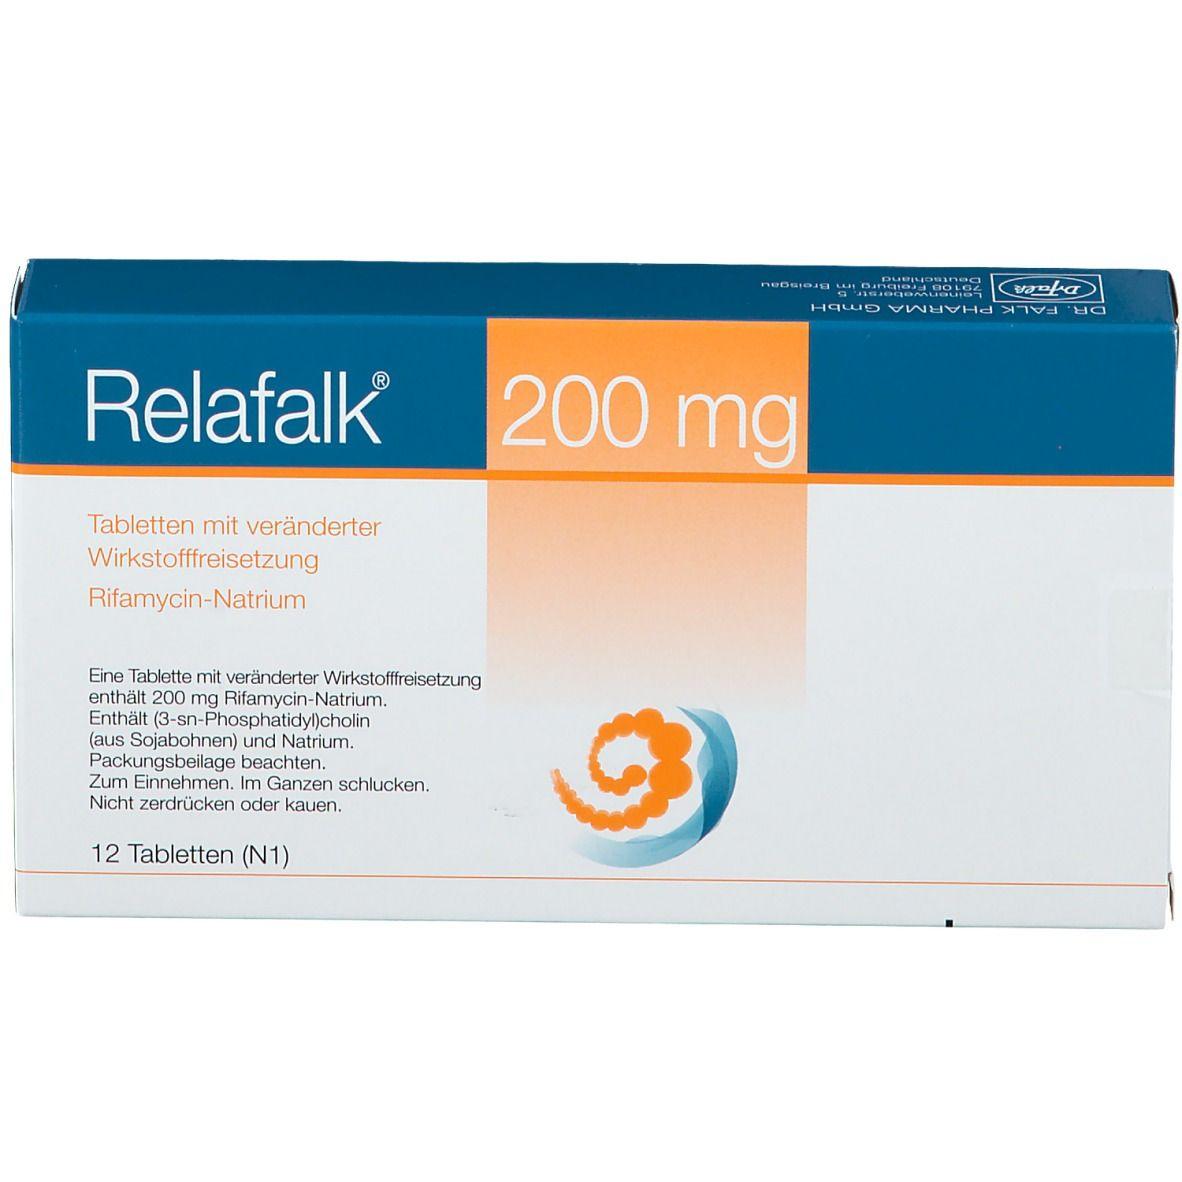 RELAFALK 200 mg Tabl.m.verändert.Wirkstofffreis.